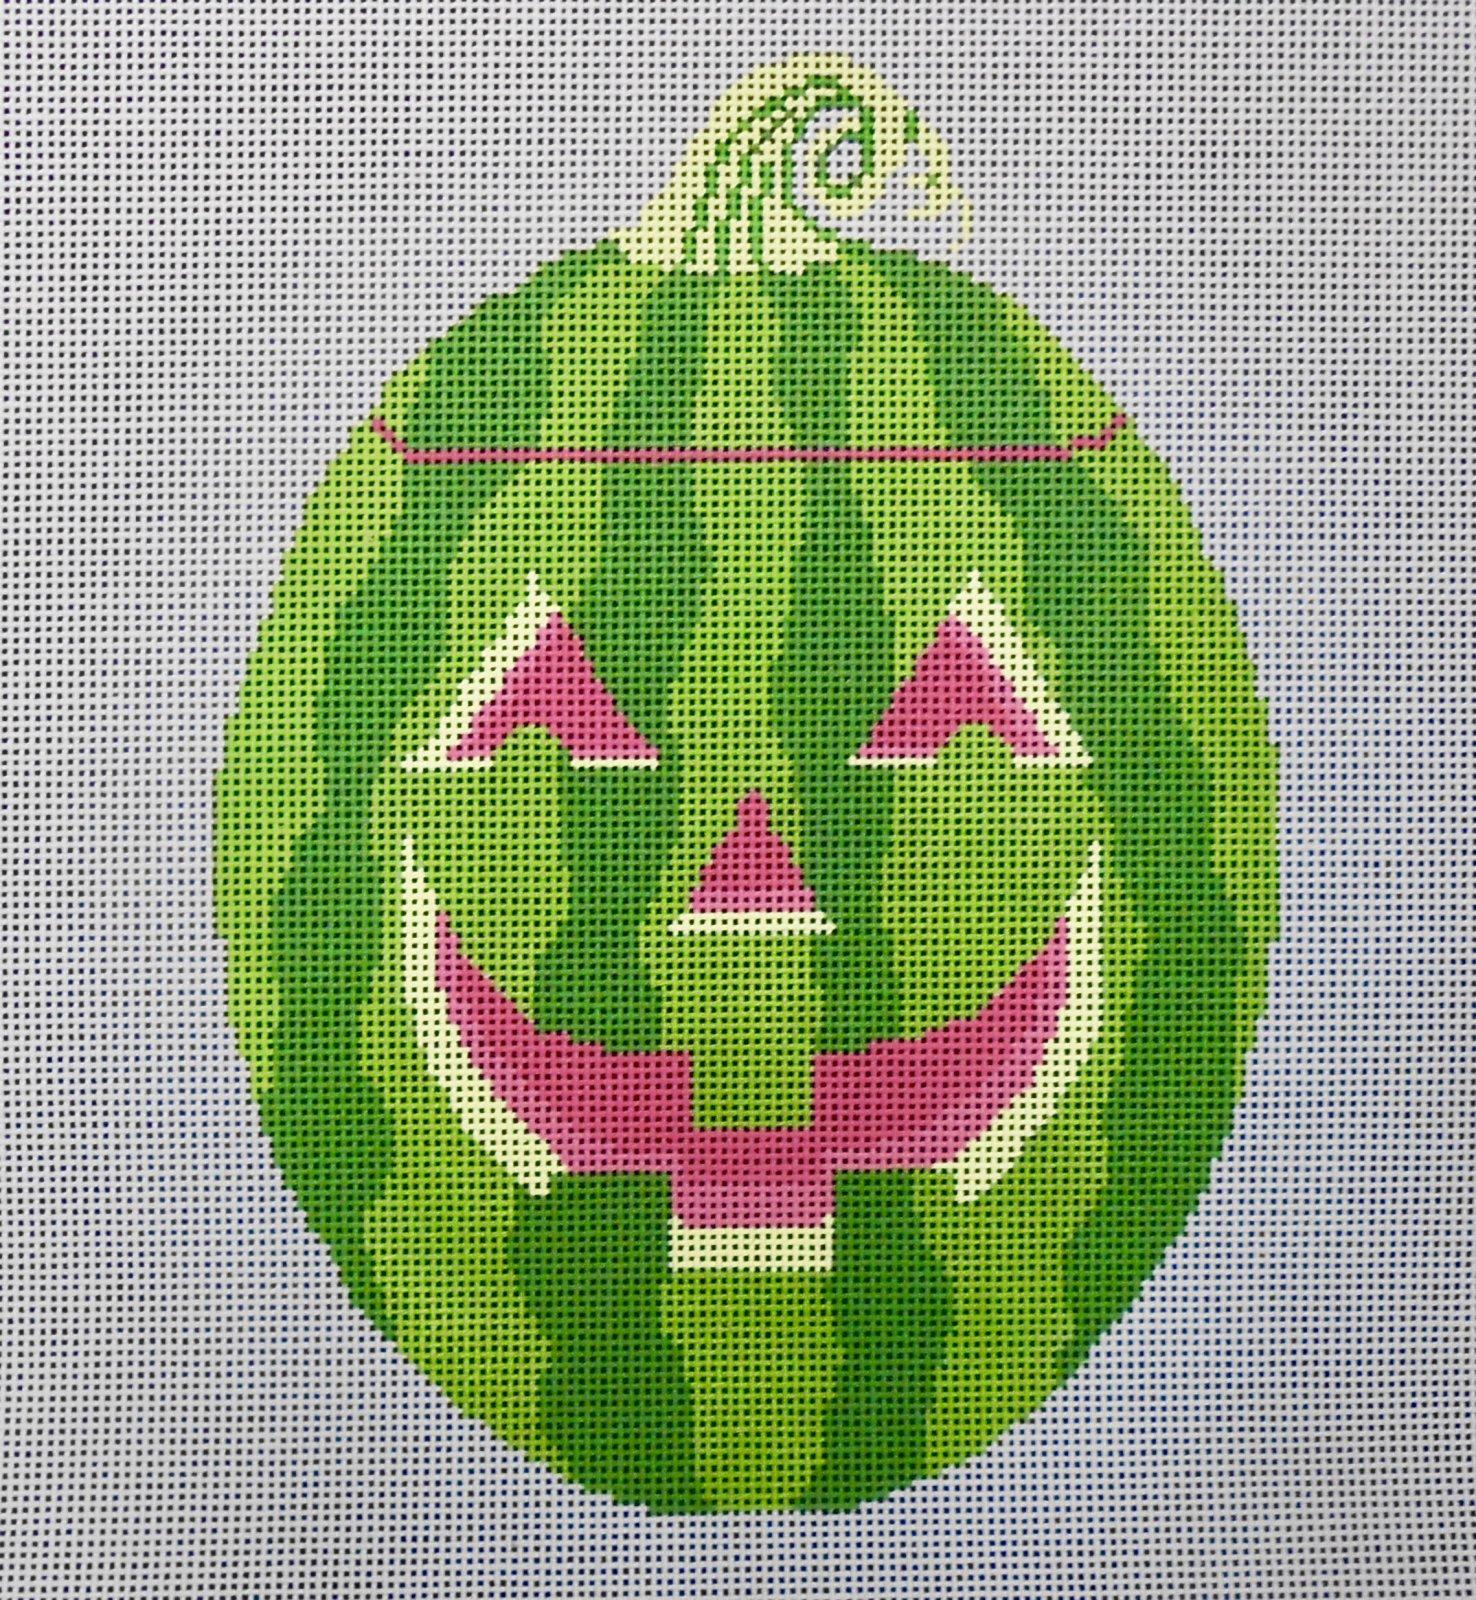 Watermelon Jack-o-lantern